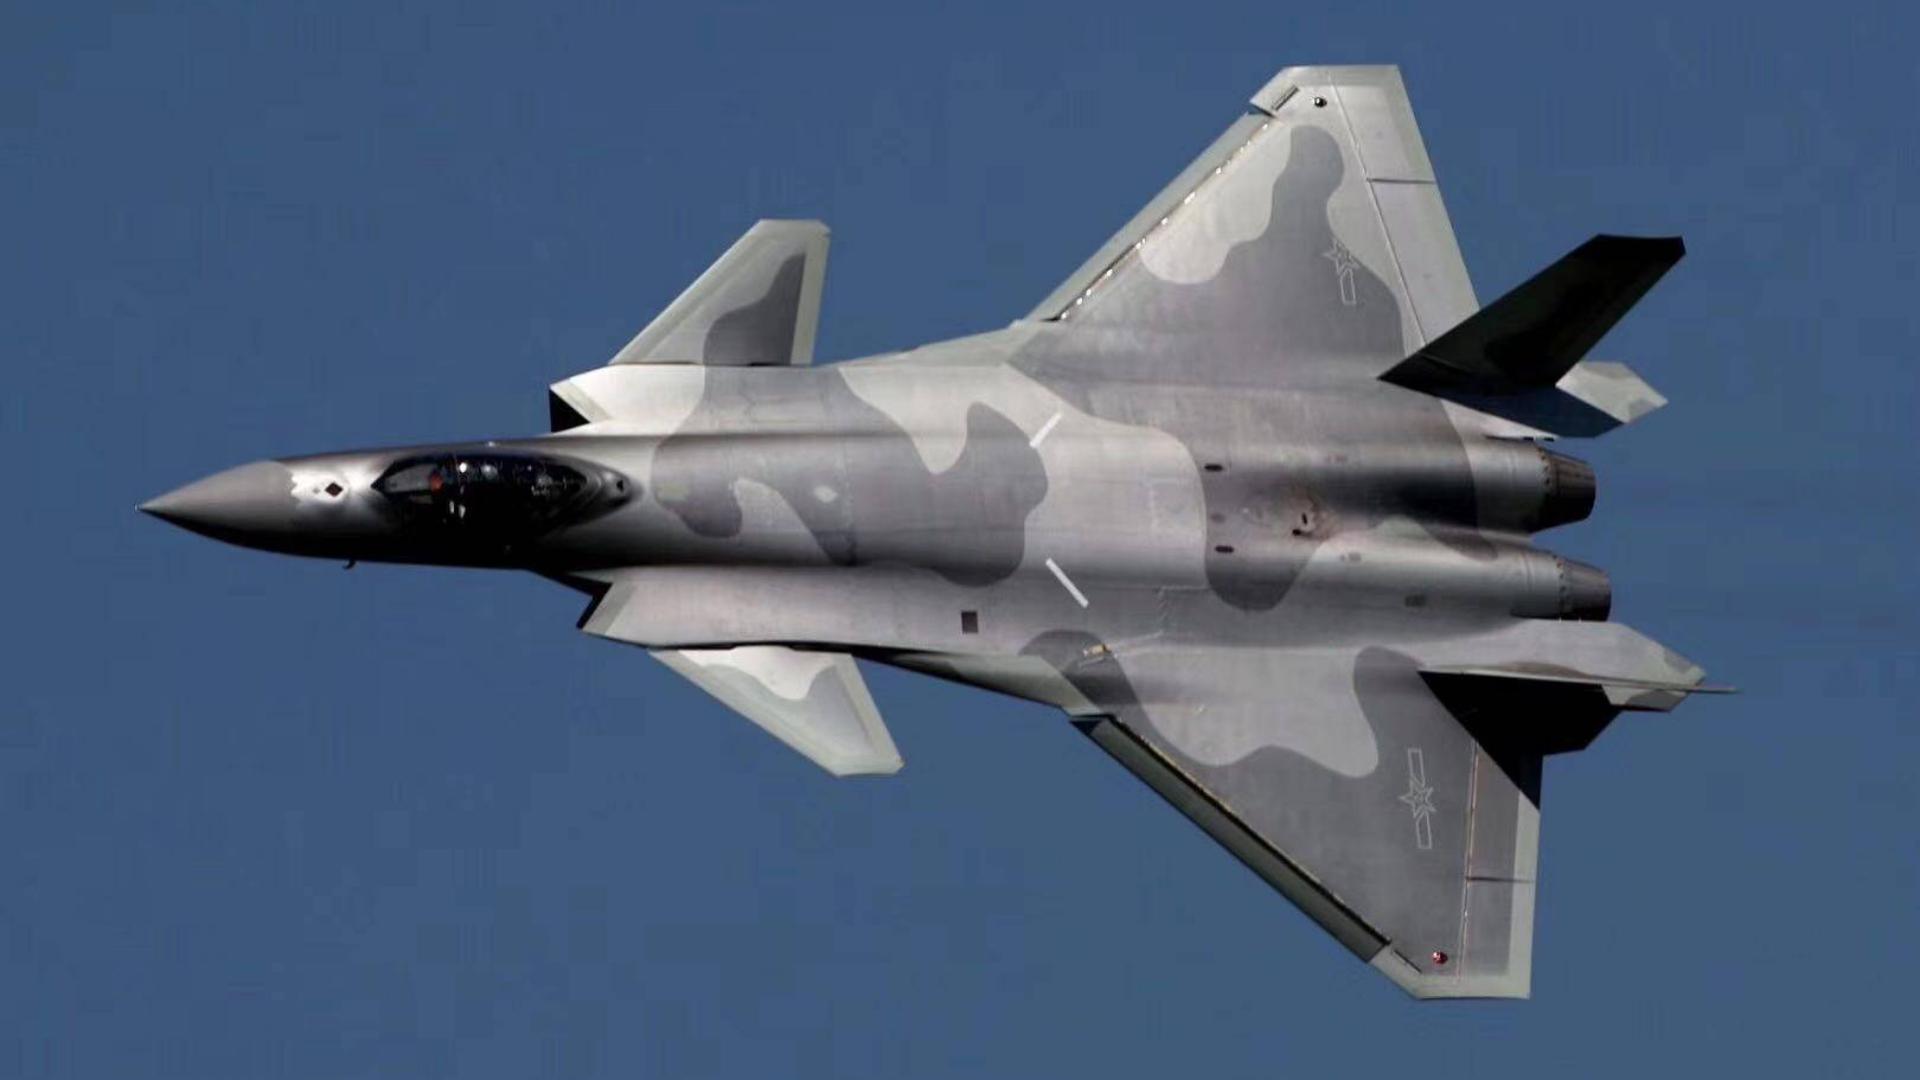 涂装也是战斗力!空军发布涂装新规,中国战机低可视涂装有多帅?